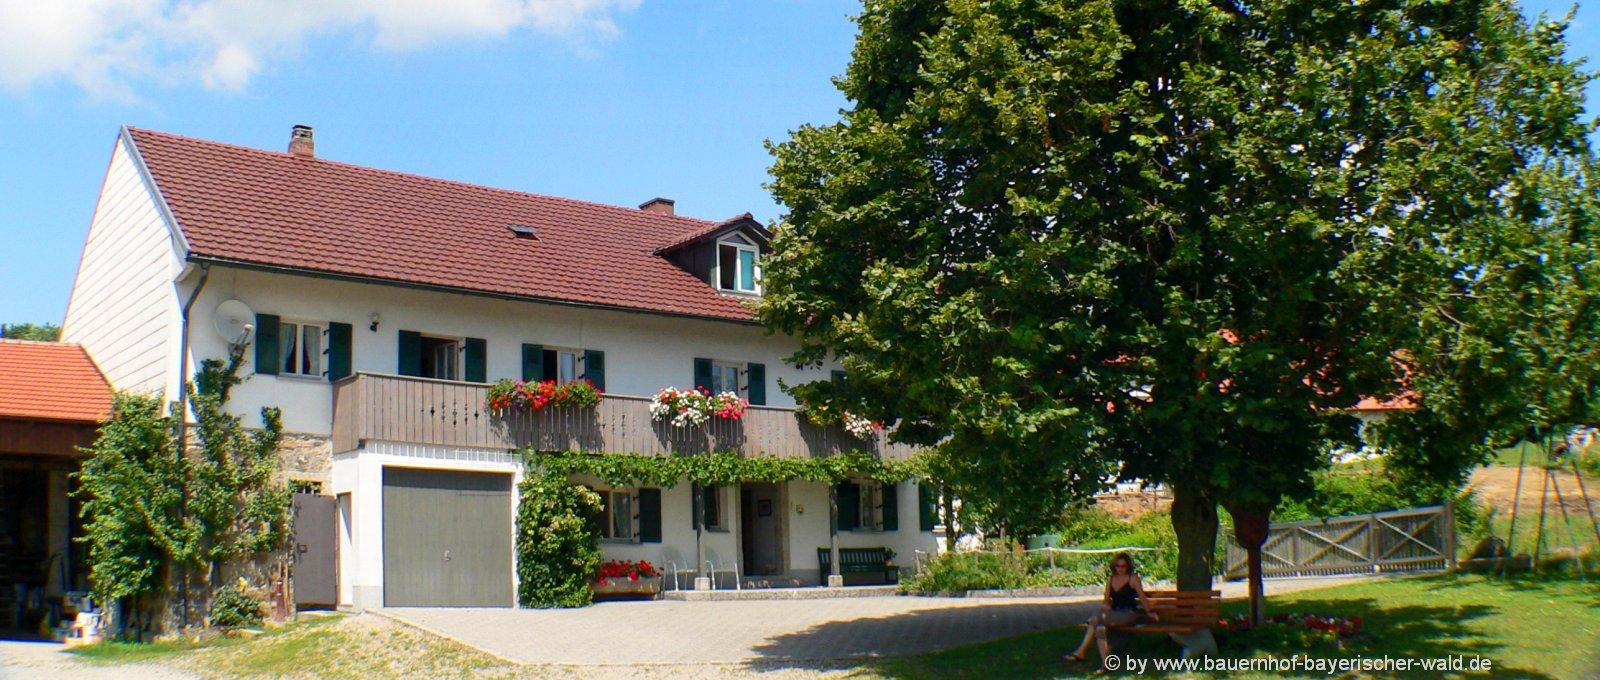 Gesundheitsurlaub am Gesundheitshof im Bayerischen Wald